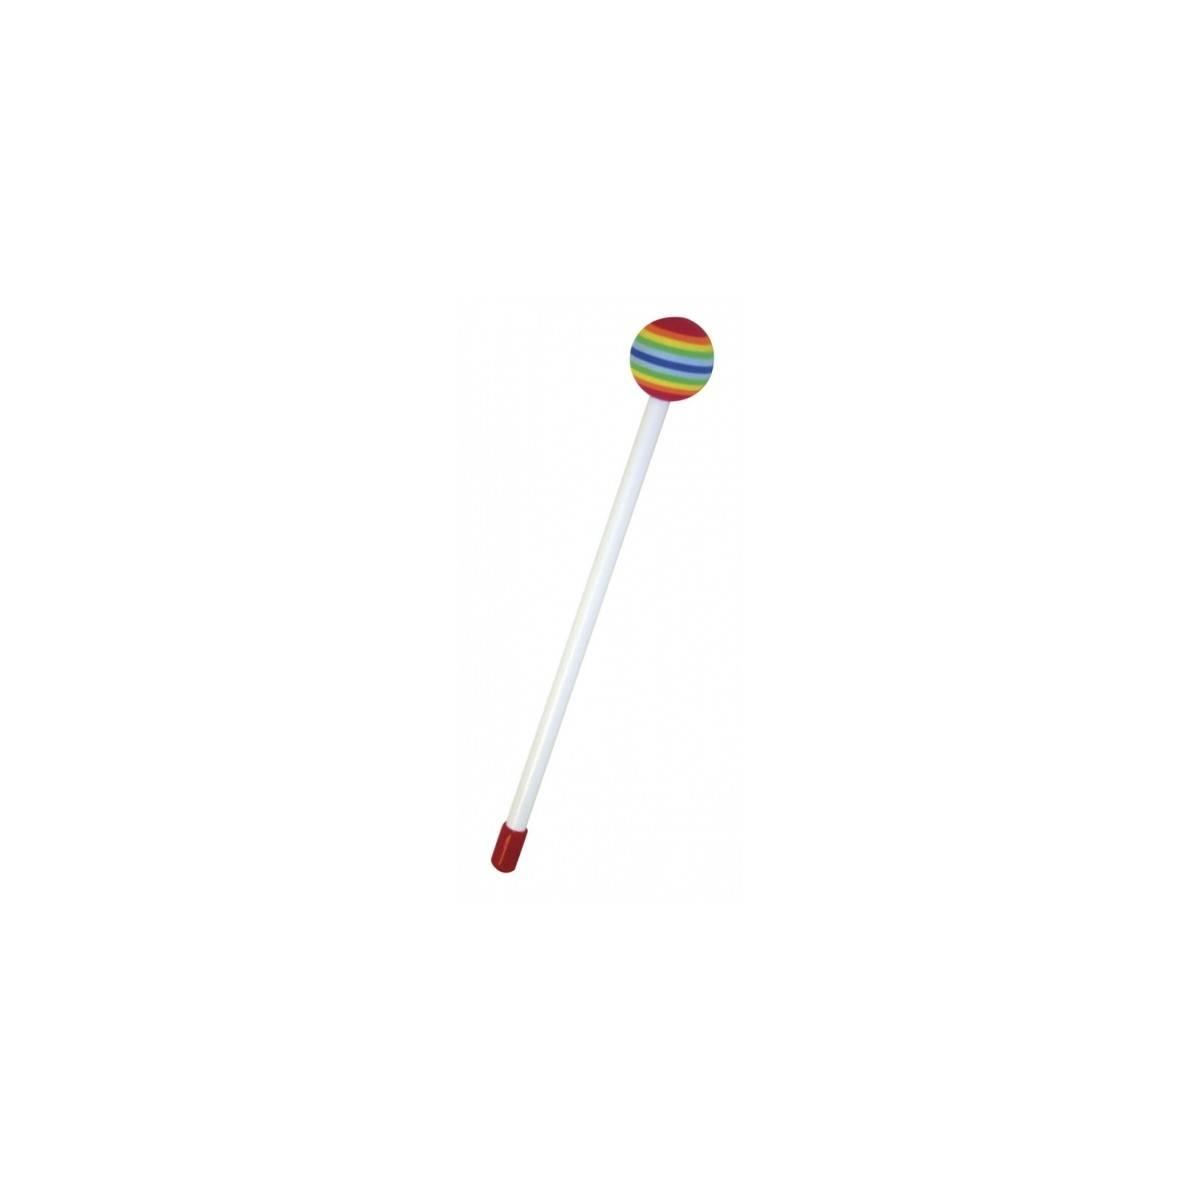 Maillet pour Lollipop (25cm)